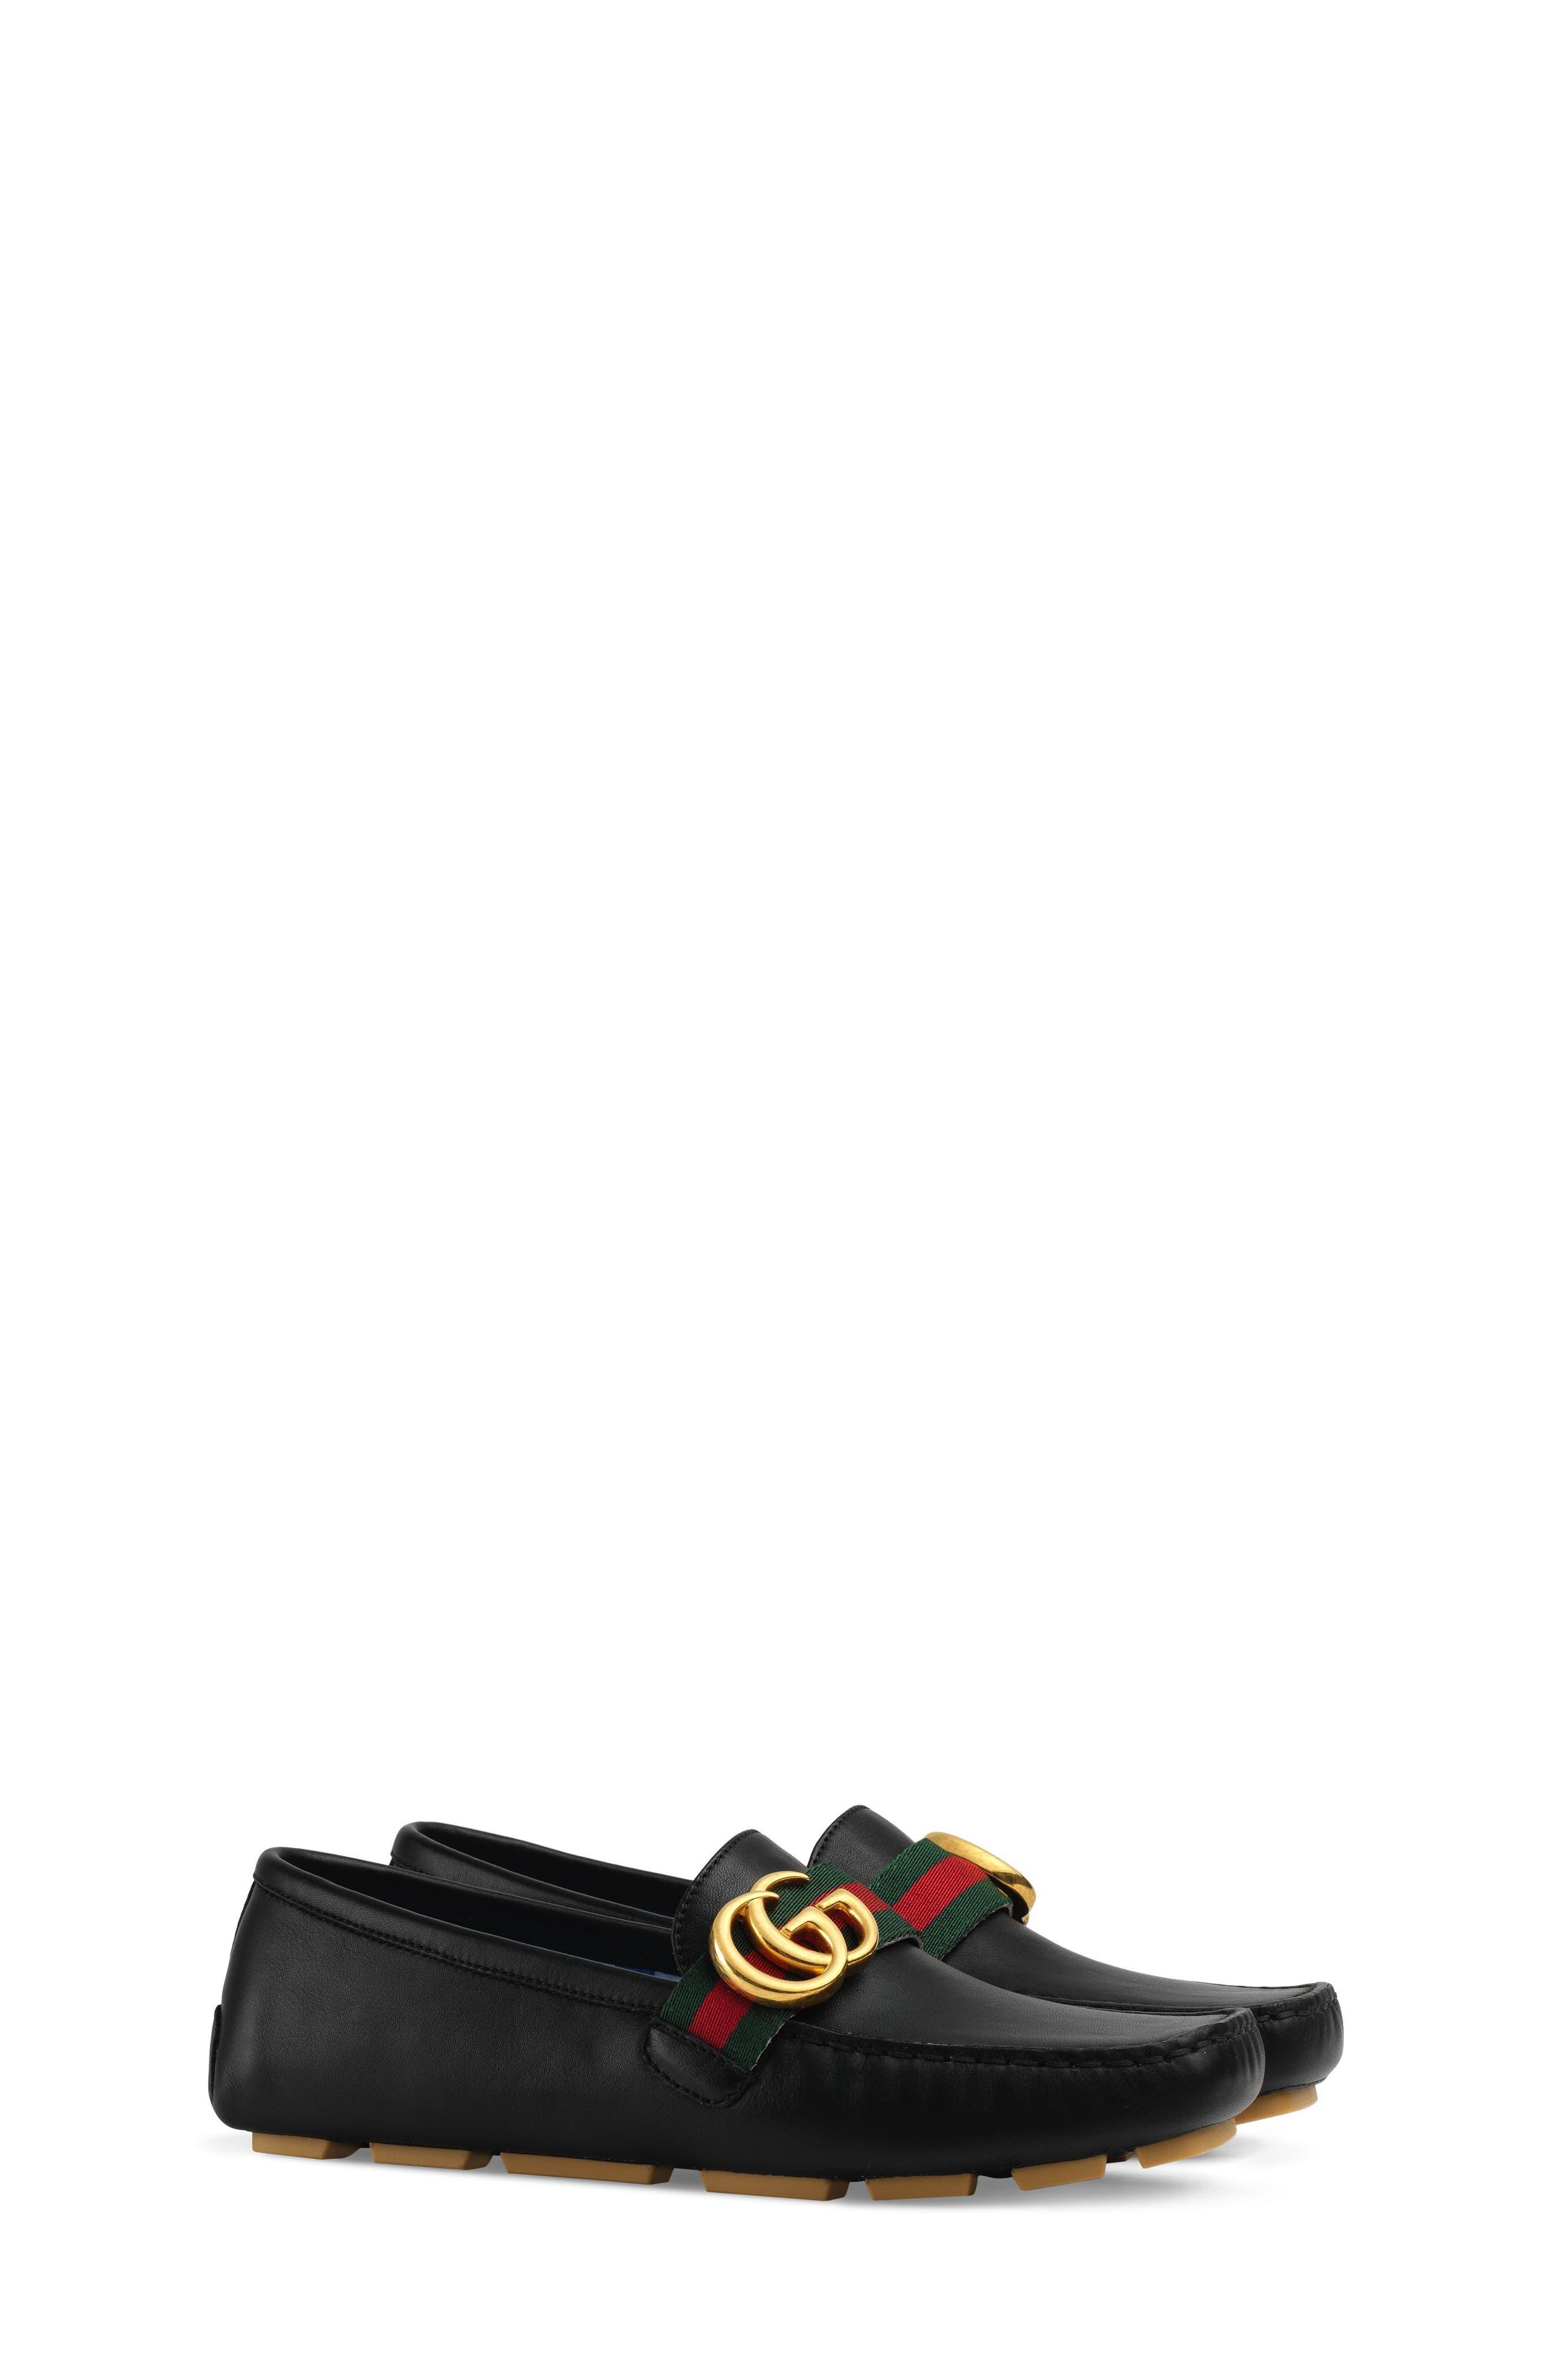 Gucci Noel Driving Loafer (Toddler